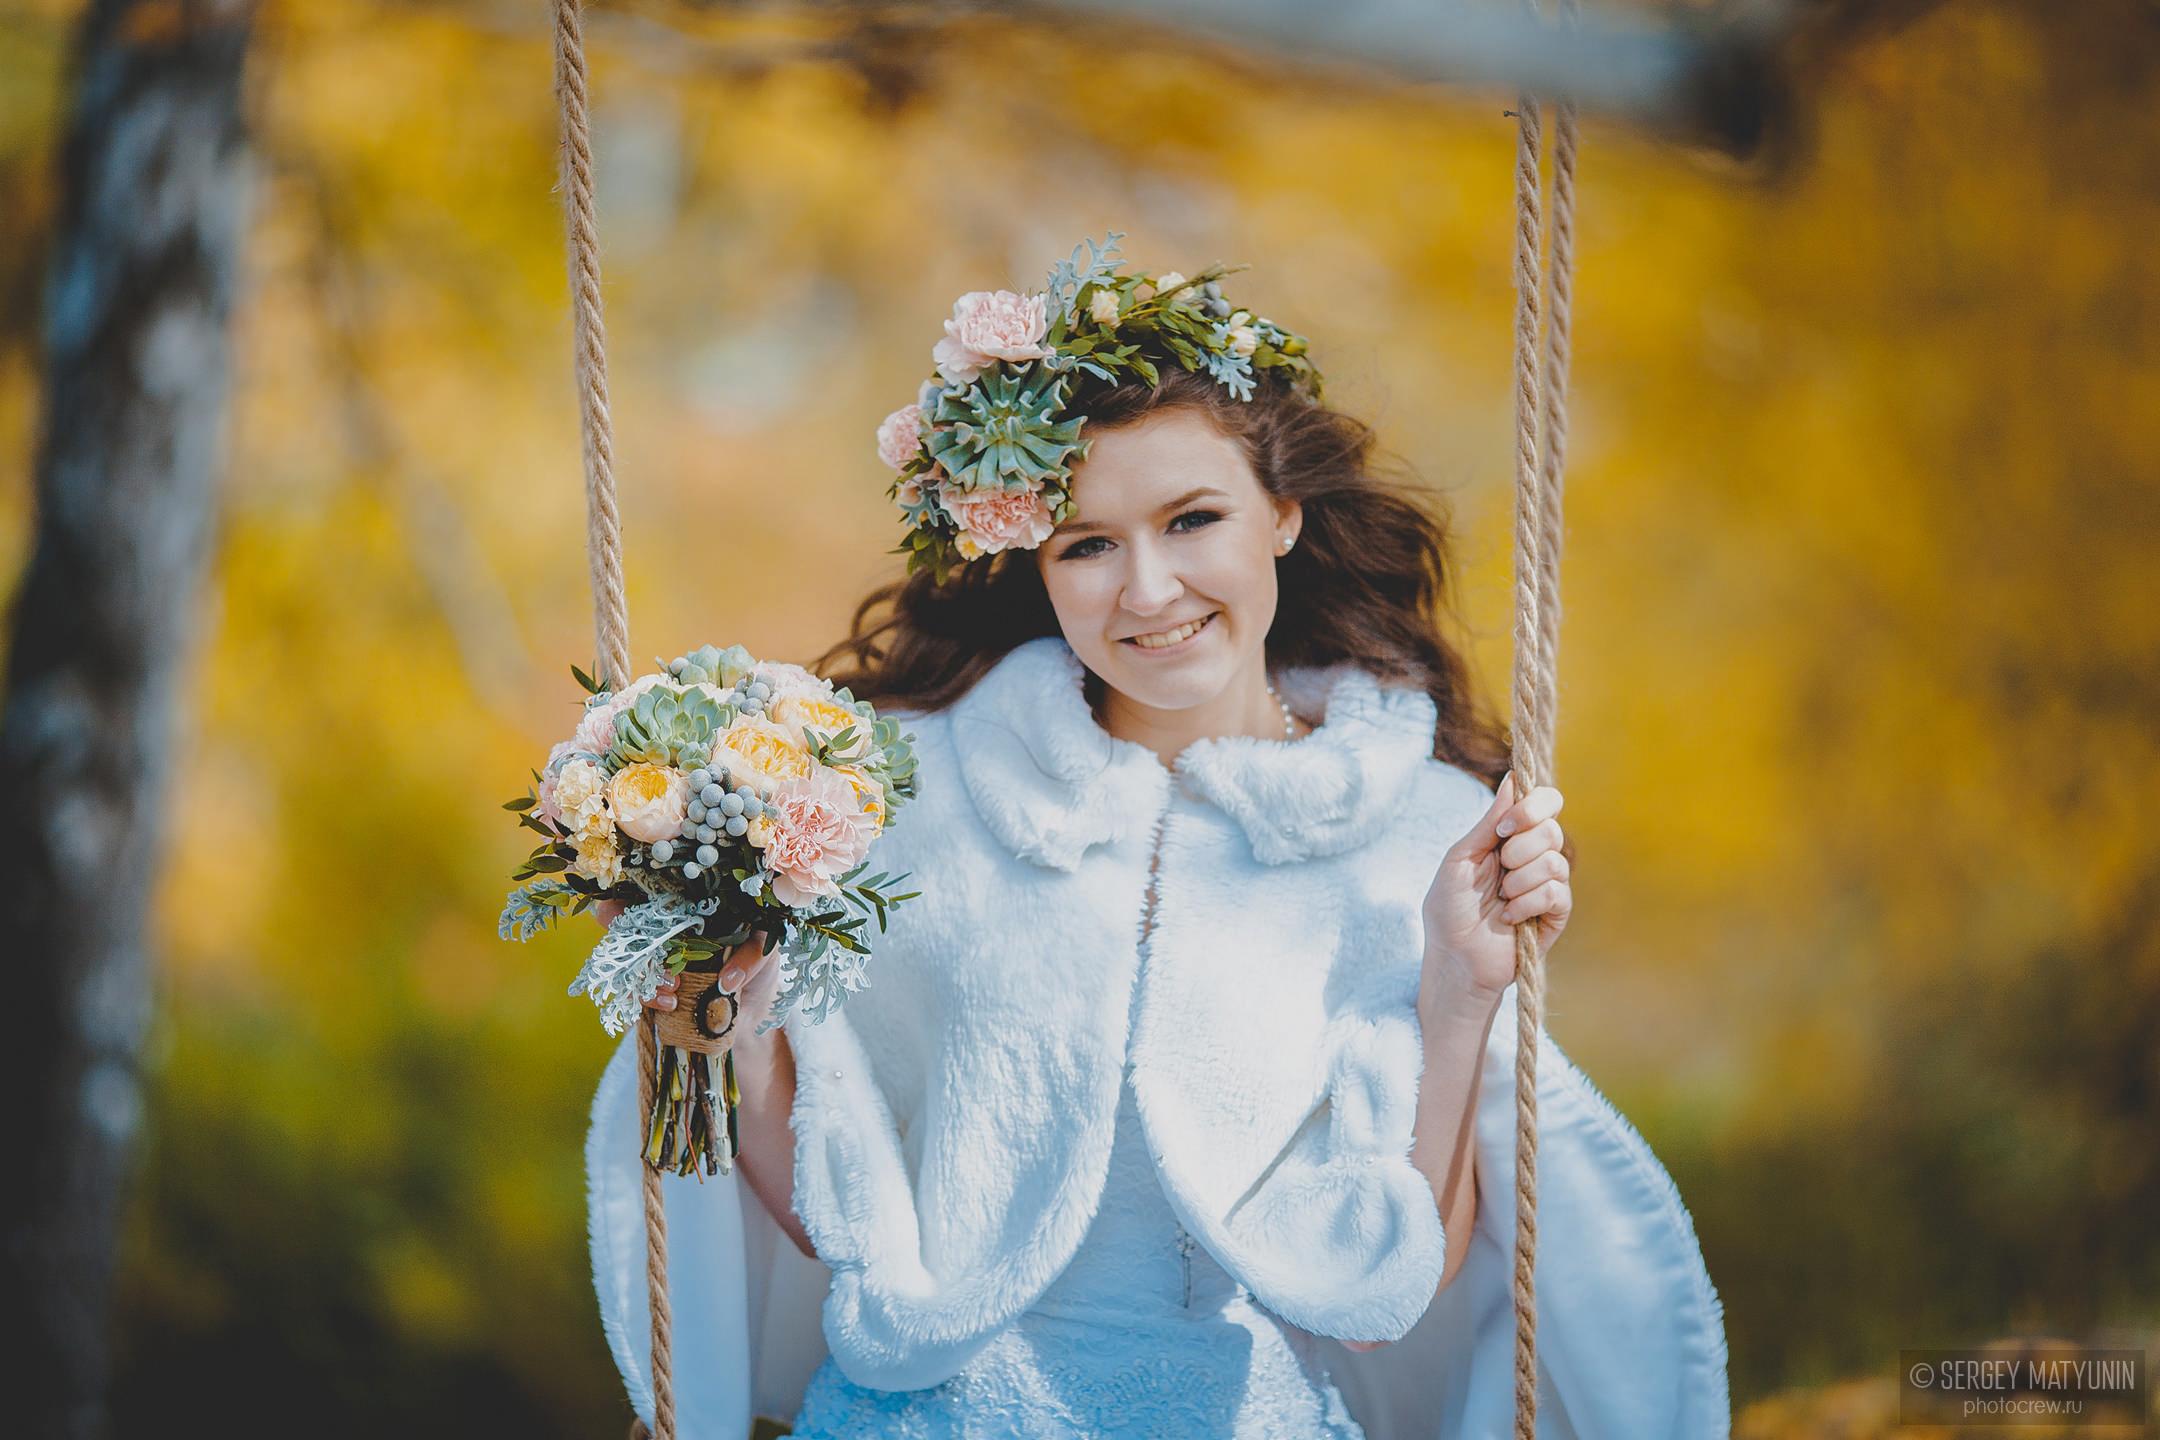 1c5ff4288c32895 Свадебный фотограф - Услуги фотографа в Спб